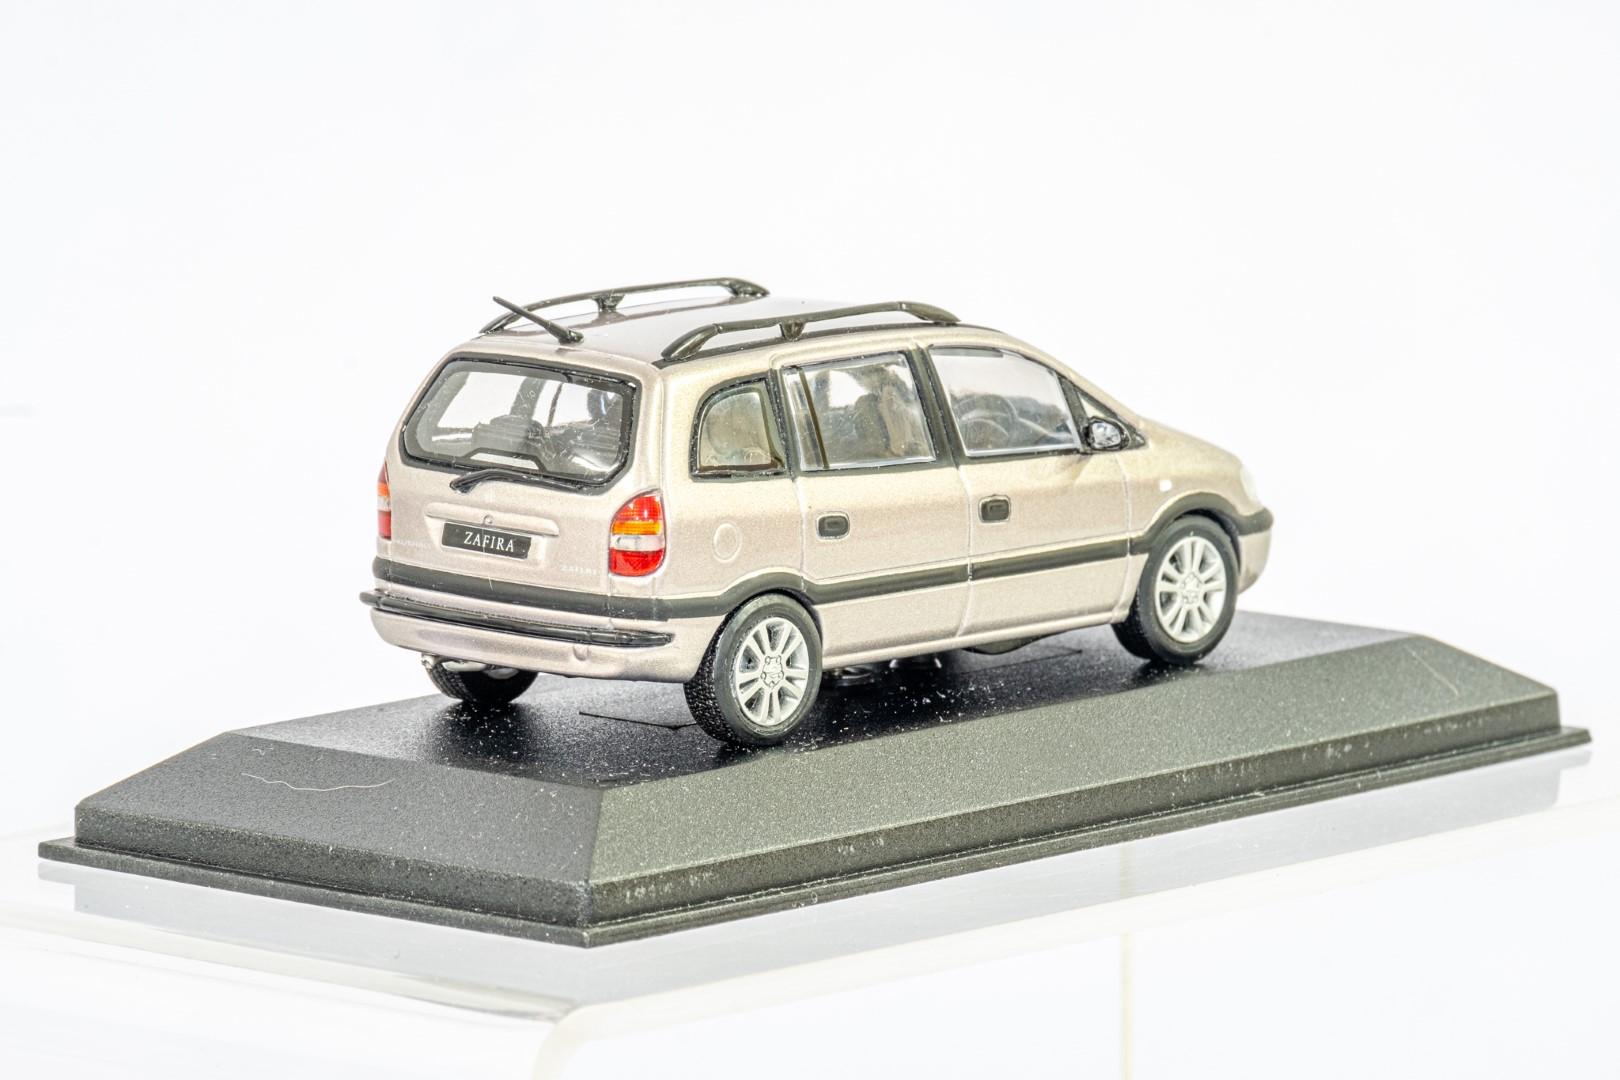 2 x Boxed Car Models - Vauxhall Zafira & Insignia - Image 7 of 7